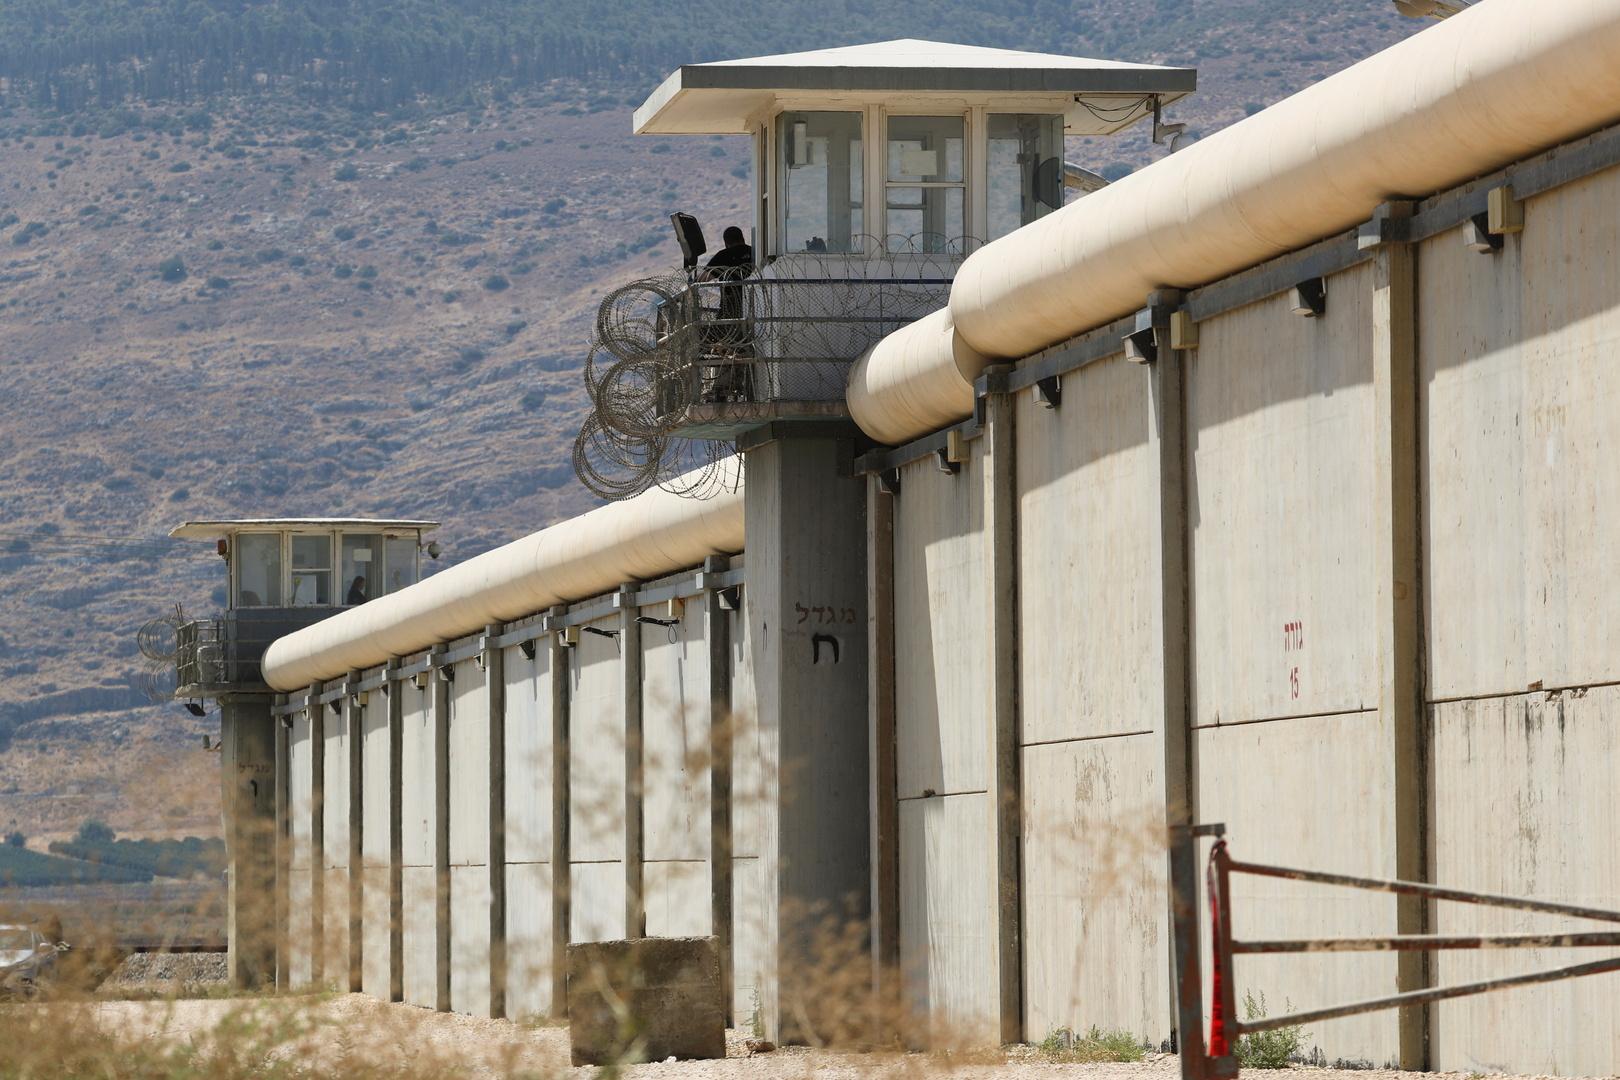 وسط توتر في سجن إسرائيلي.. مسؤول فلسطيني يحذر من تصعيد محتمل